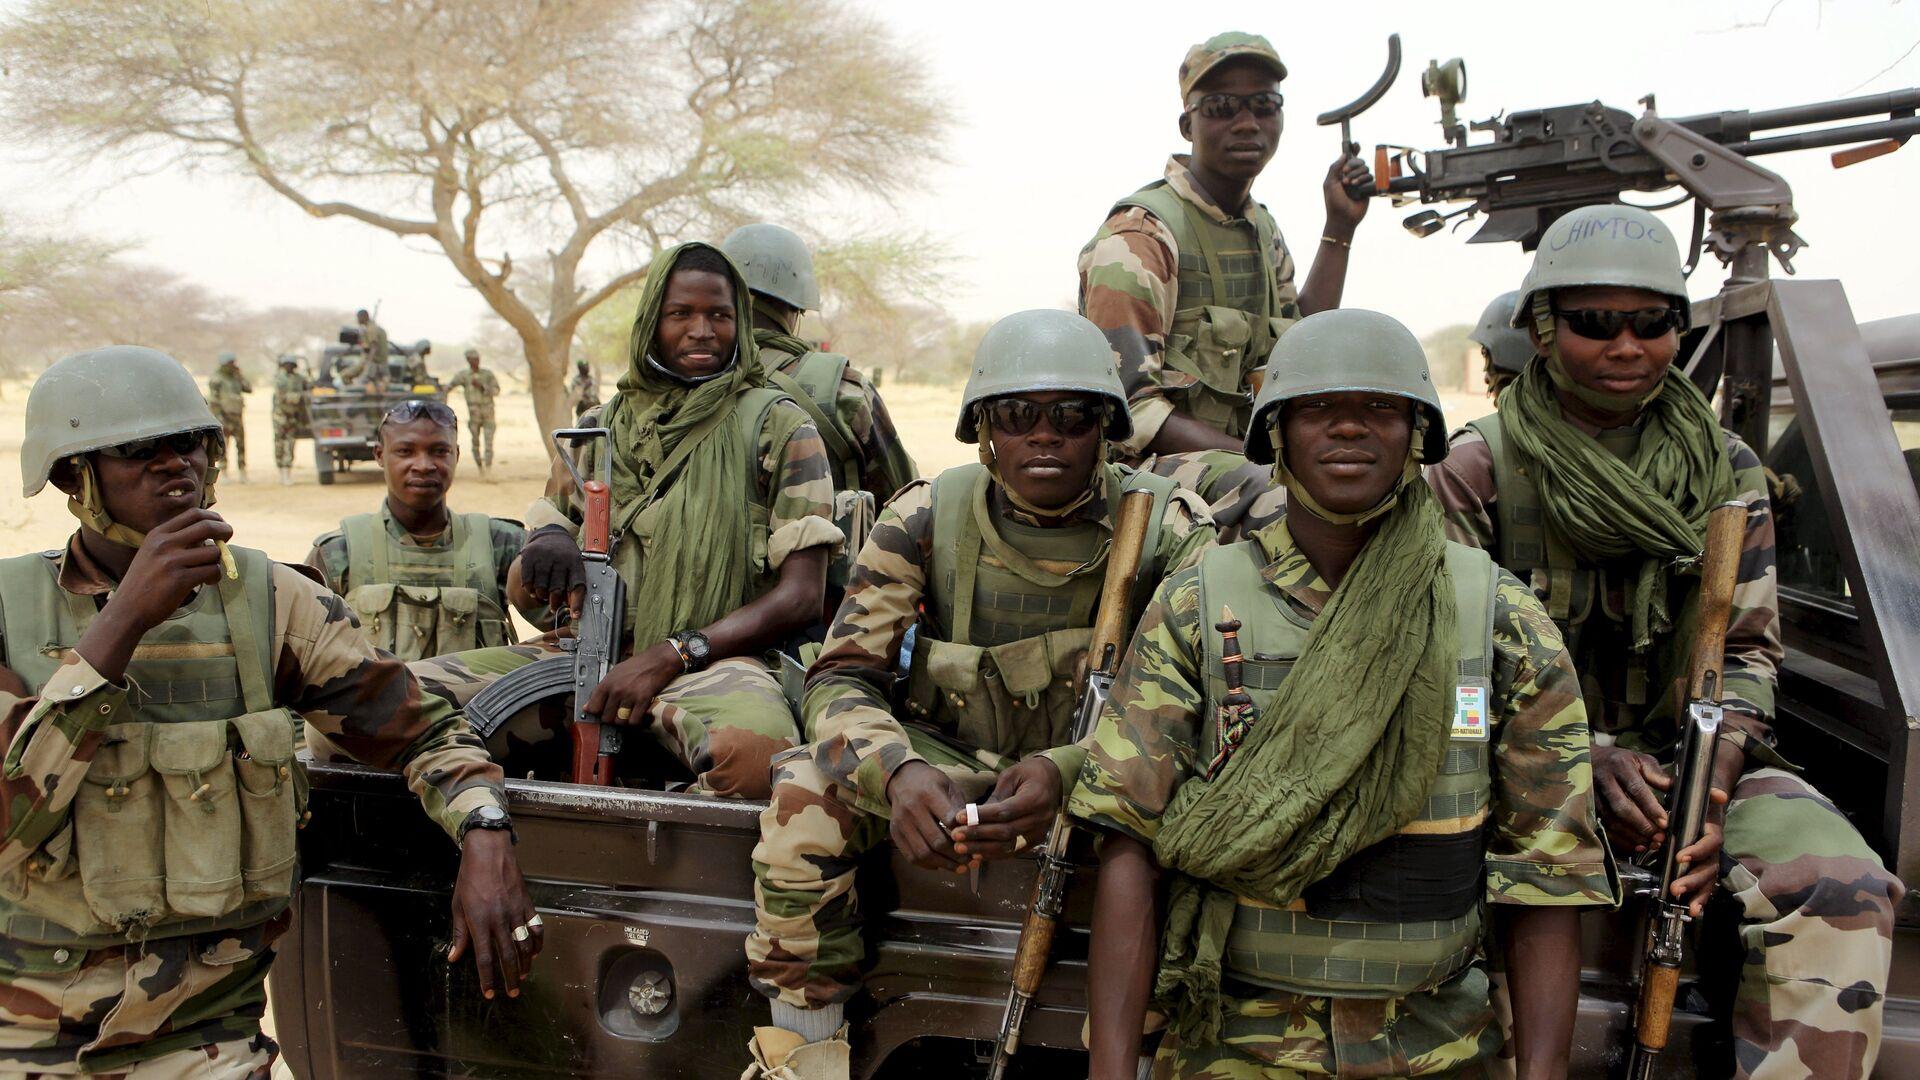 Nigerien special forces prepare to fight Boko Haram in Diffa March 26, 2015 - Sputnik Italia, 1920, 25.09.2021